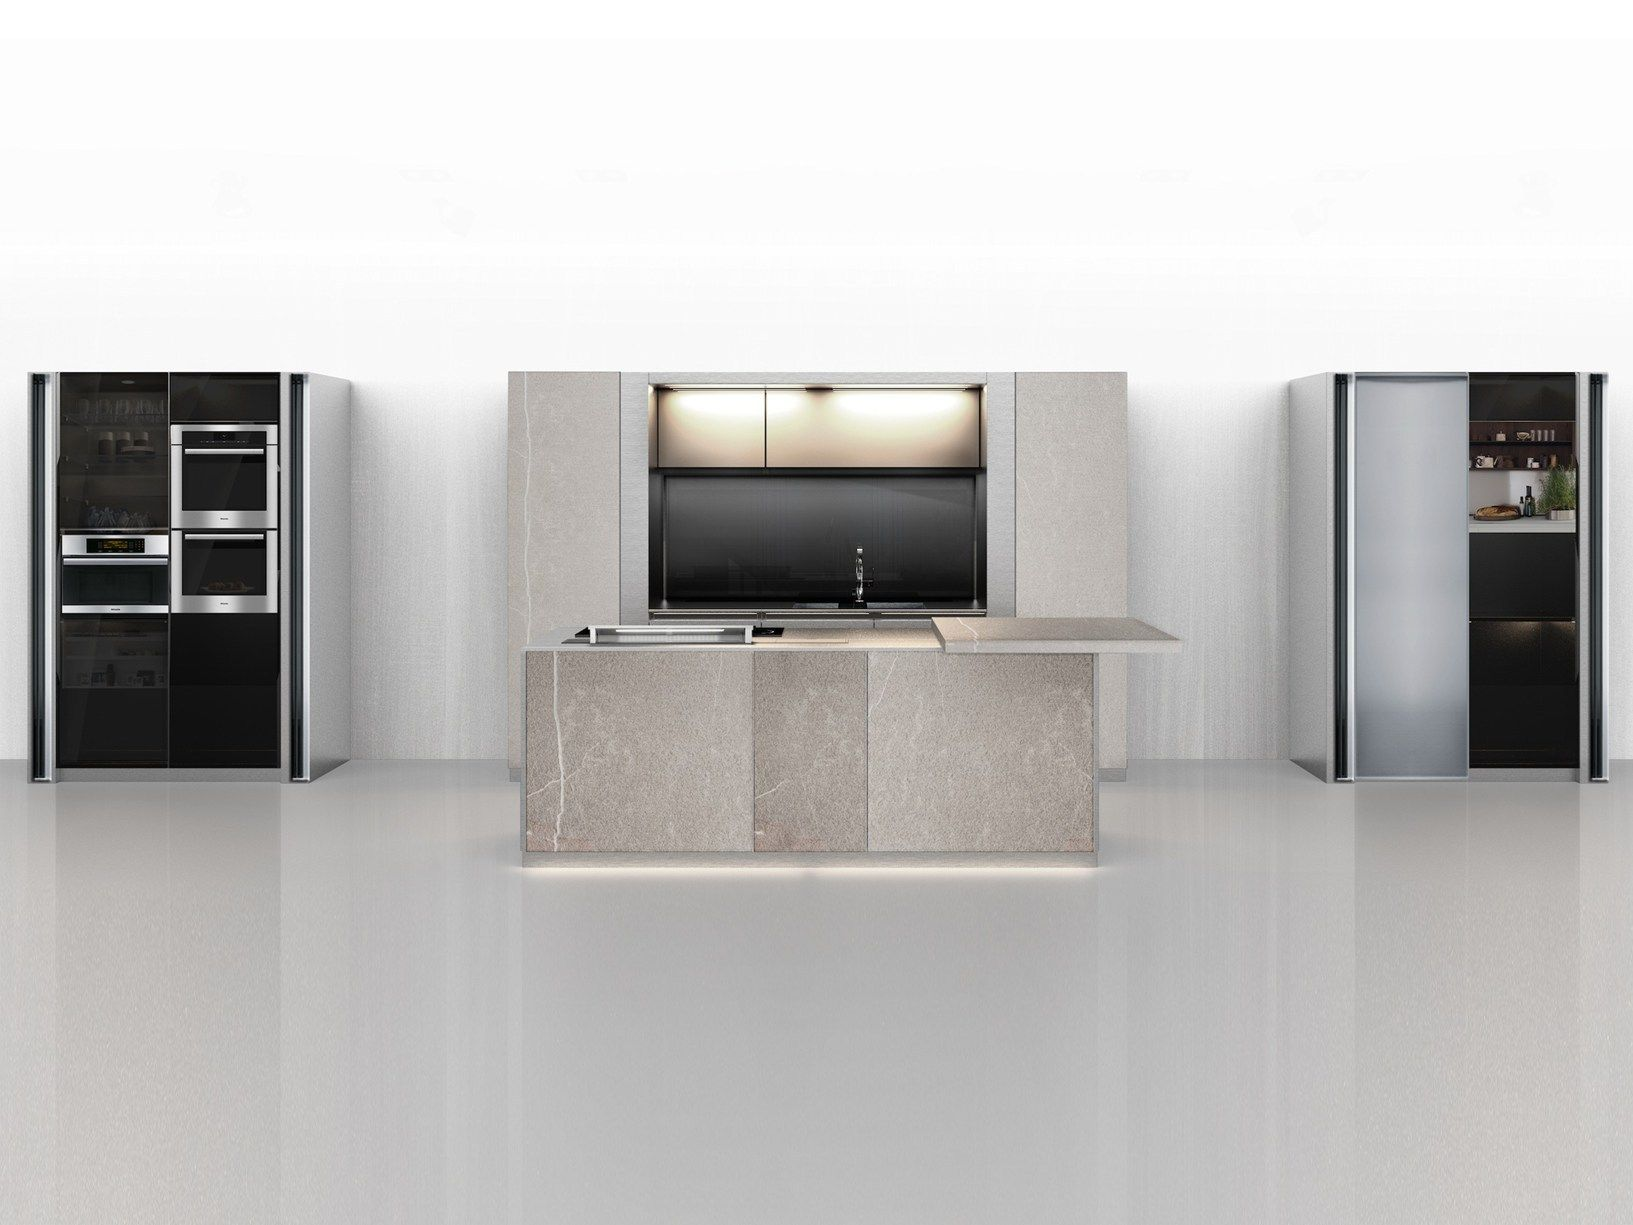 le cucine antis e lain di euromobil si rinnovano - Cucina Euromobil